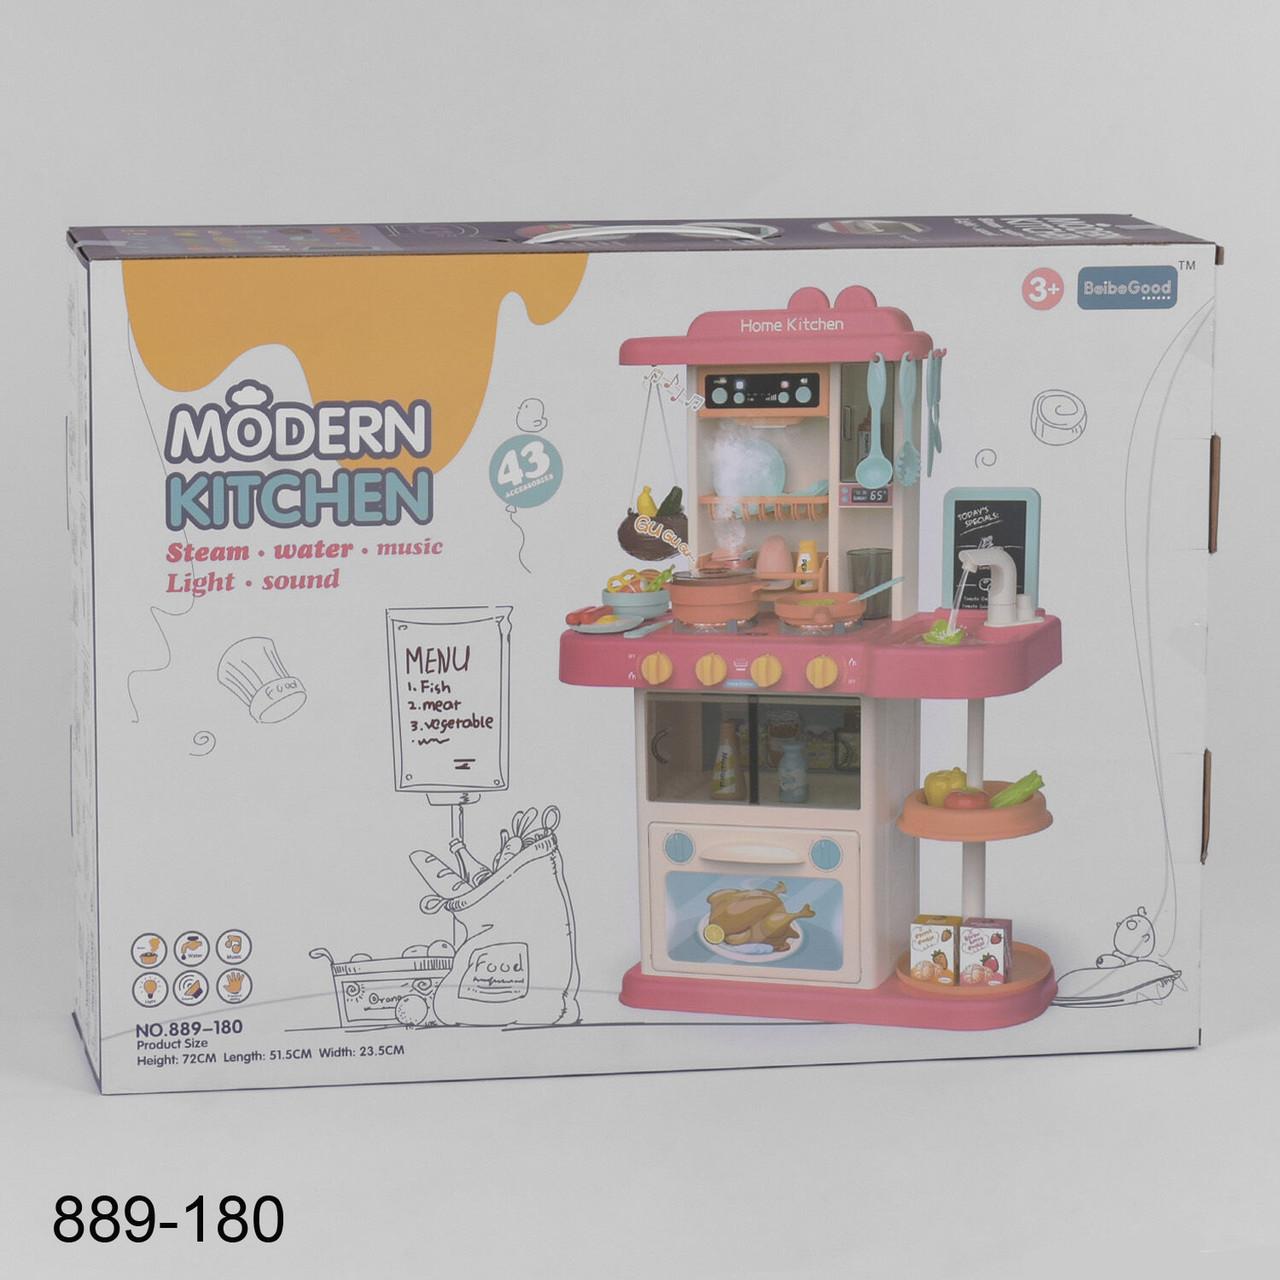 Кухня Modern Kitchen 889 интерактивная игрушечная с водой паром